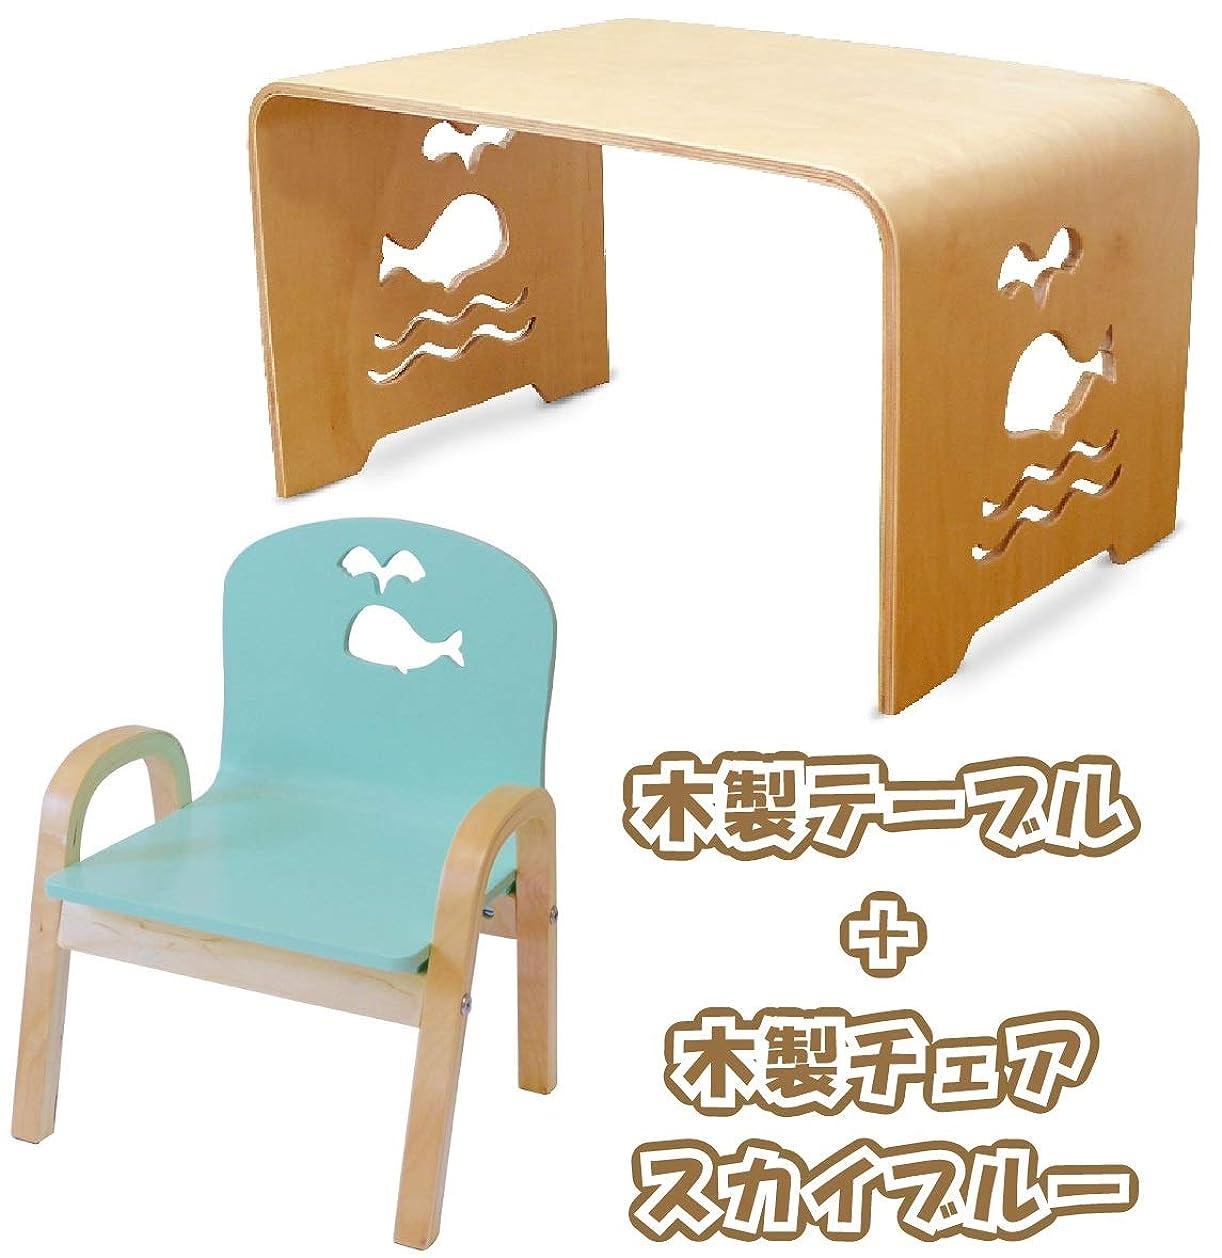 降下磁気エロチックMAMENCHI 木製テーブル クジラと選べる木製チェアカラー1脚 (ブルー)